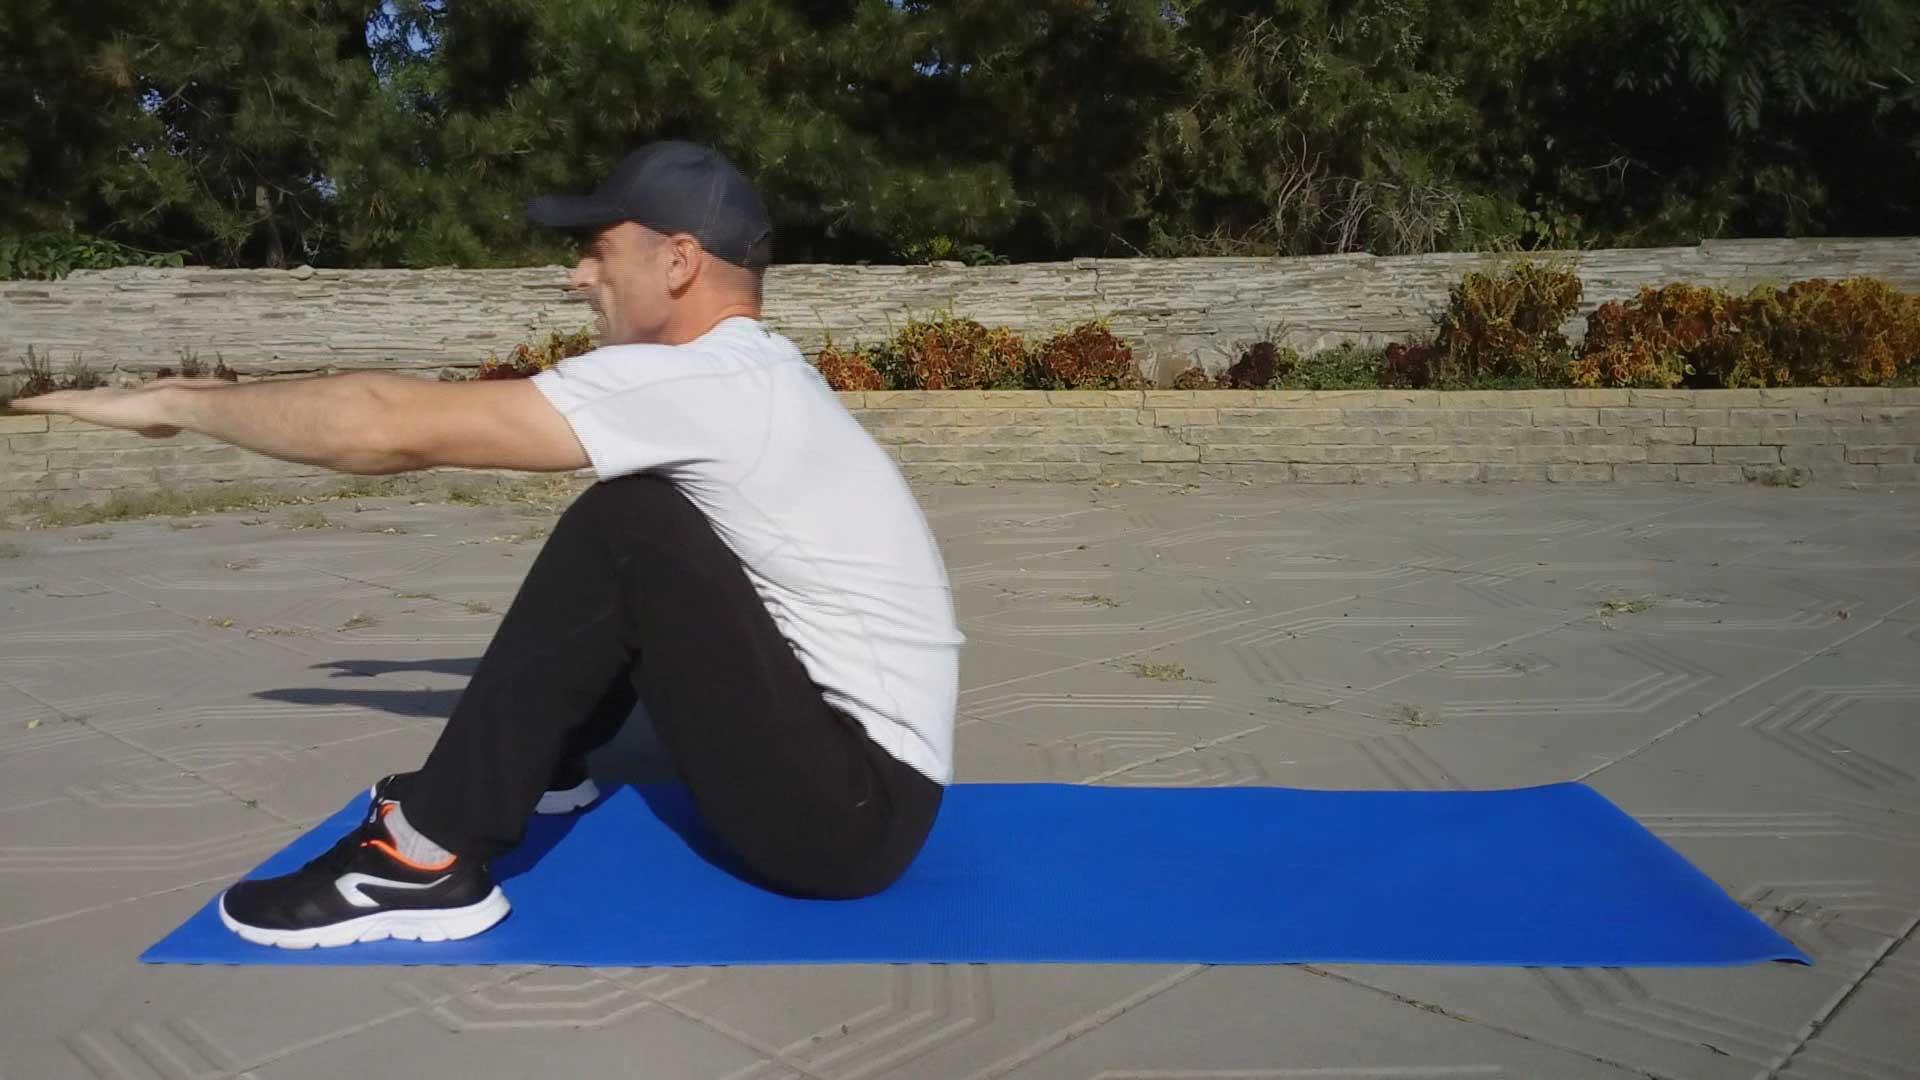 Упражнение ситап для развития мышц кора